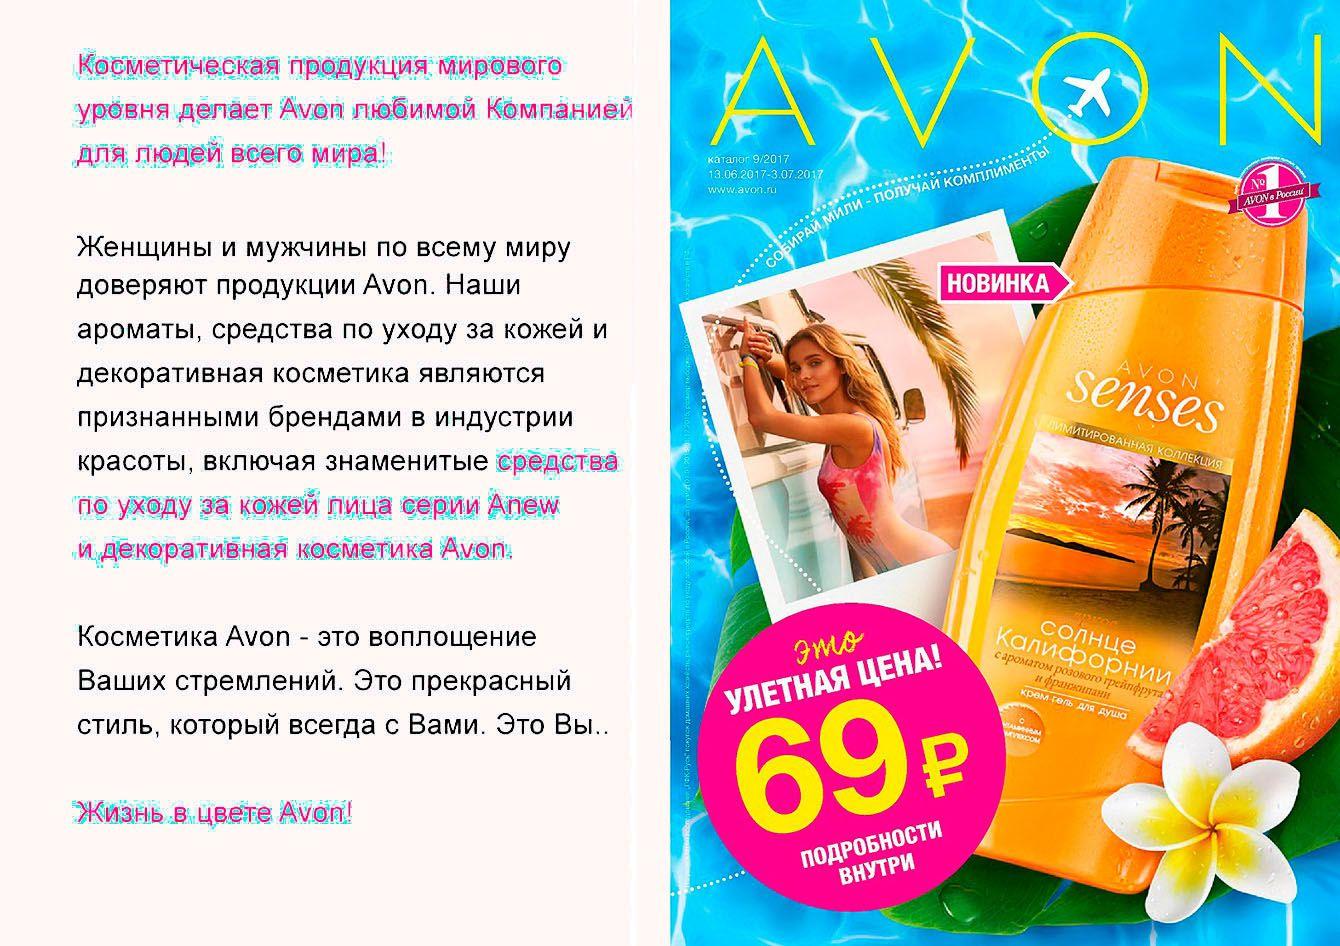 Косметика avon официальный сайт каталог купить косметику la mer в москве где купить